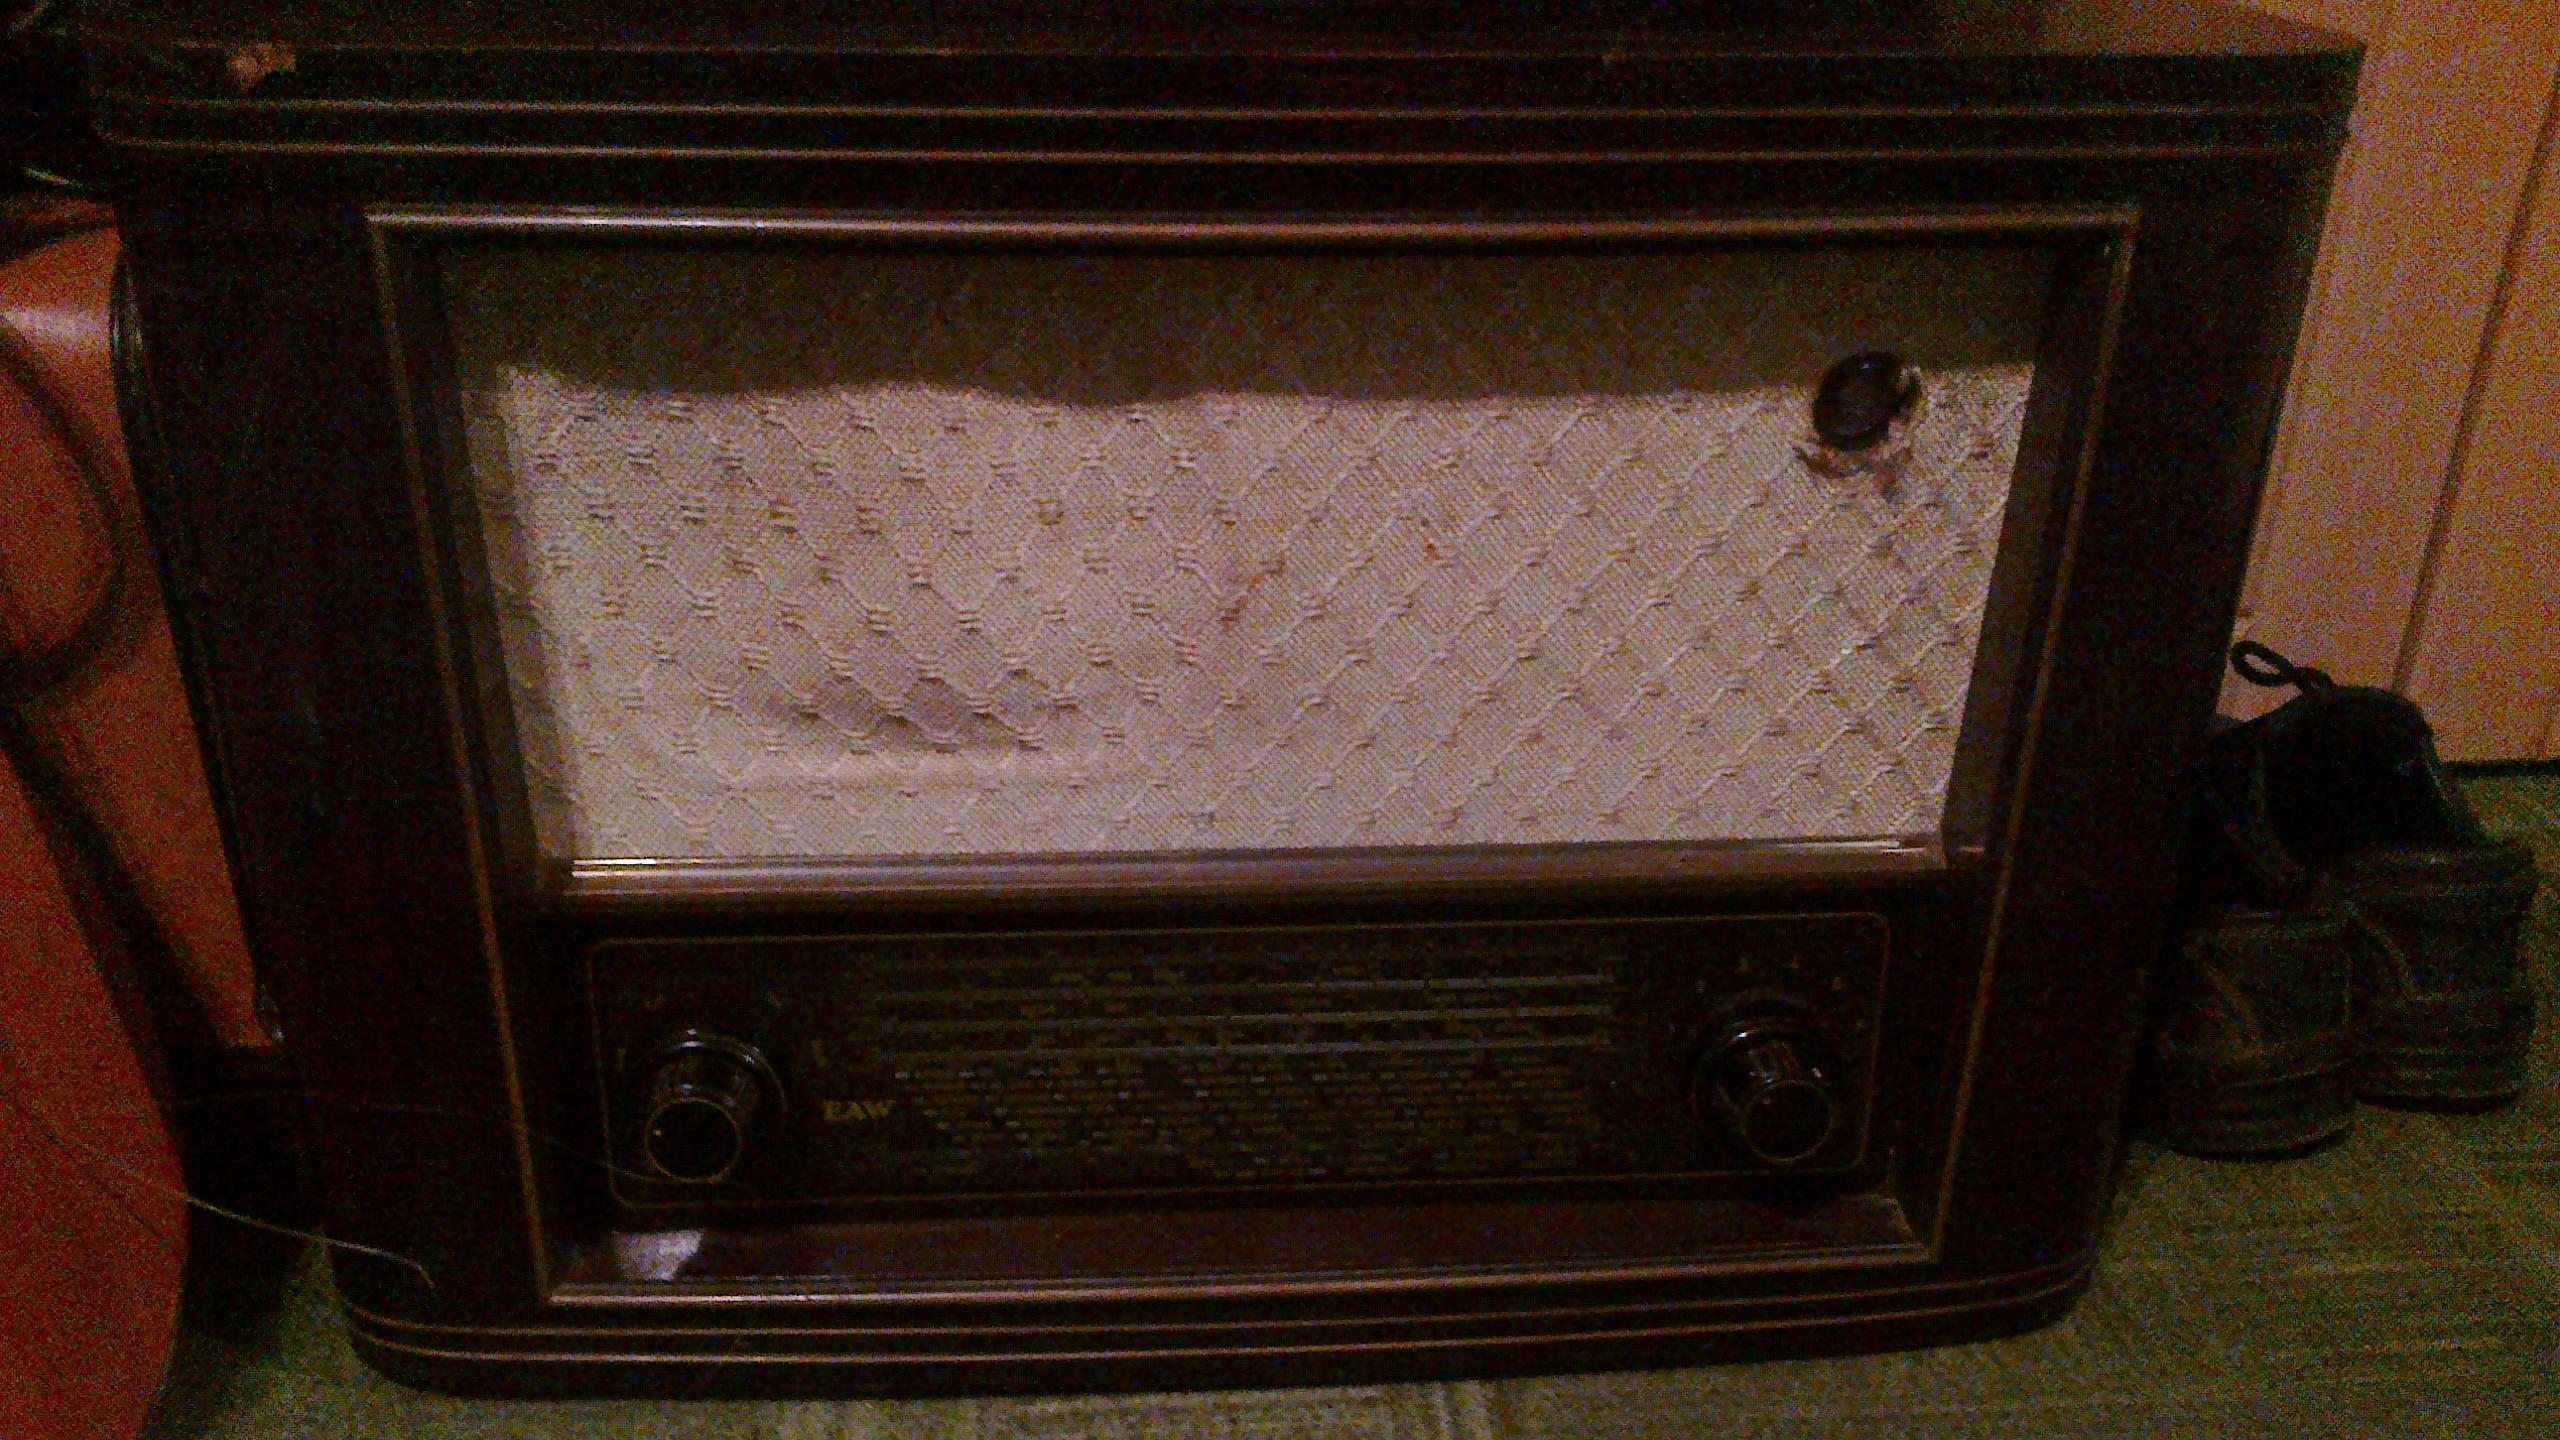 [Sprzedam] radia Pionier U oraz EAW AT-Super 660 wk3, 100z� za oba, nieaktualne